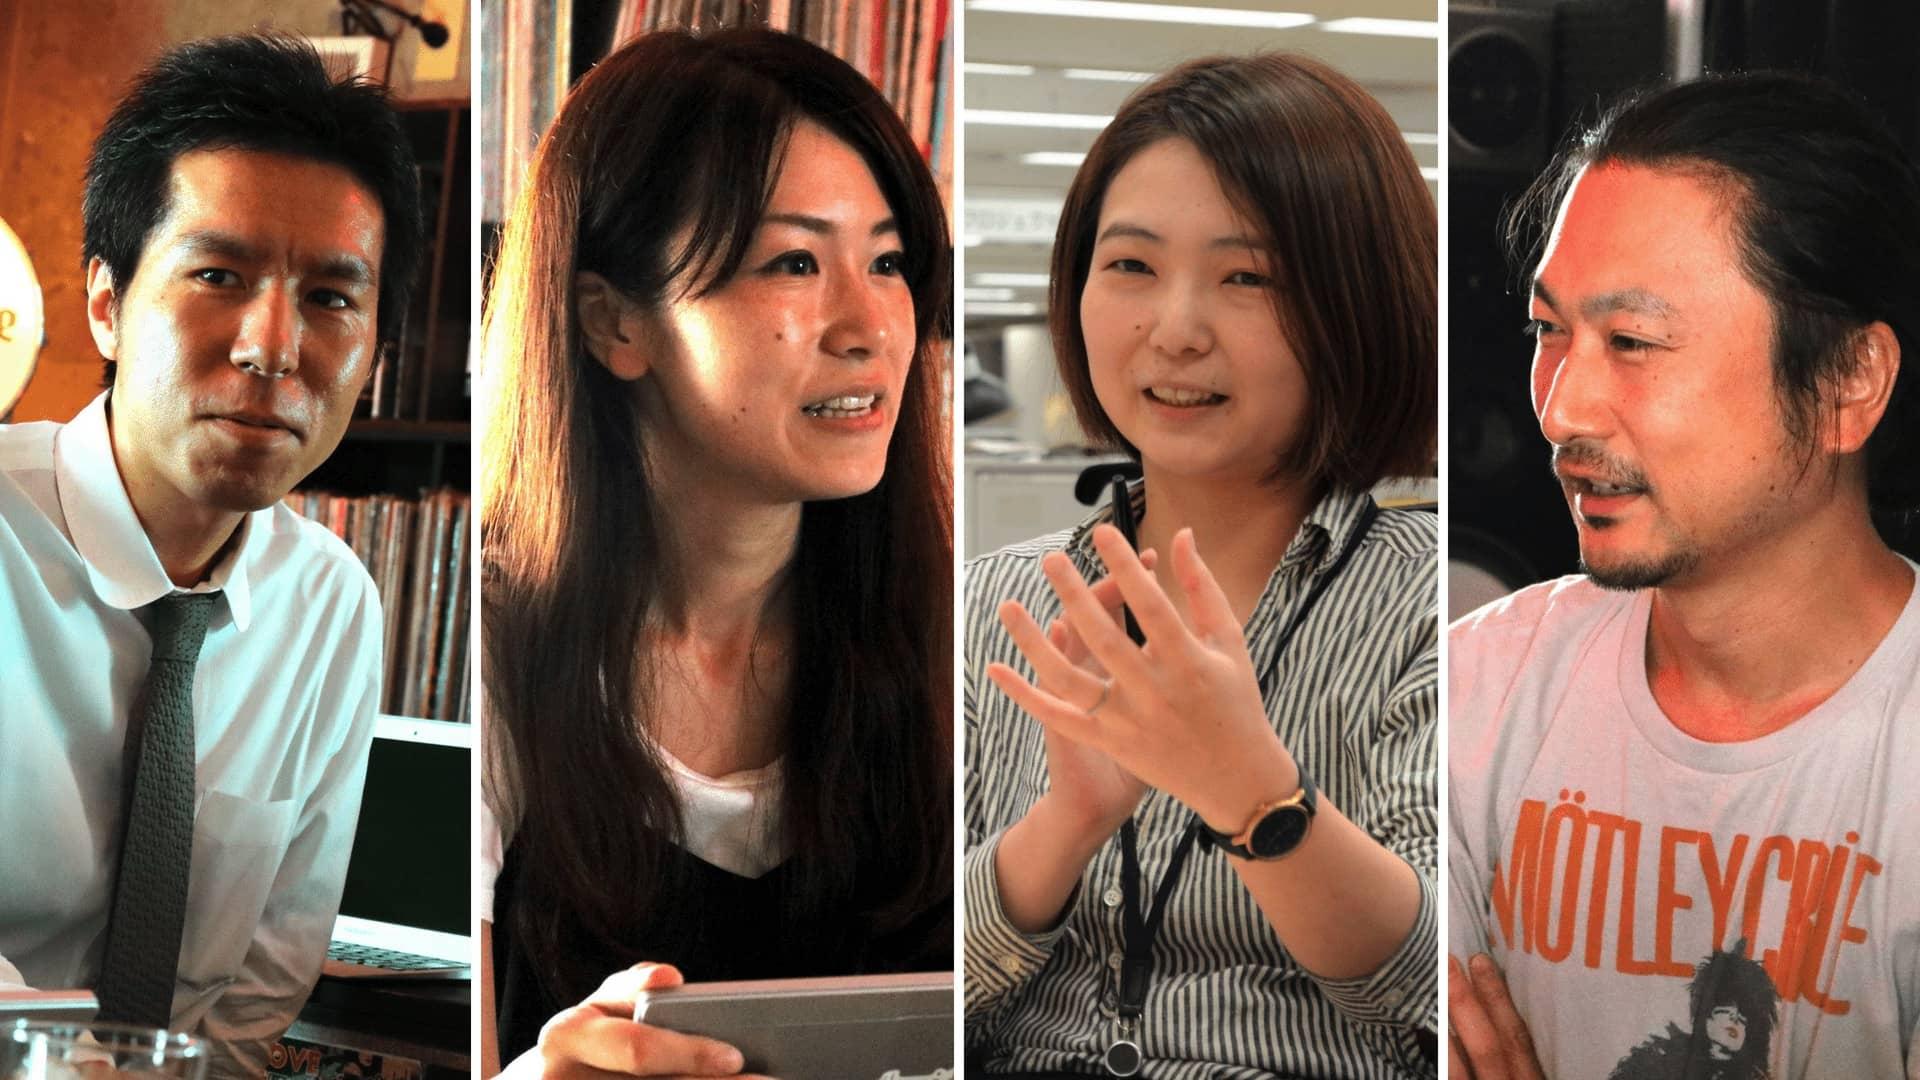 生きづらさを抱える若者にメッセージを届けるには? 朝日新聞社の企画「withyou」が取り組む想いの伝え方